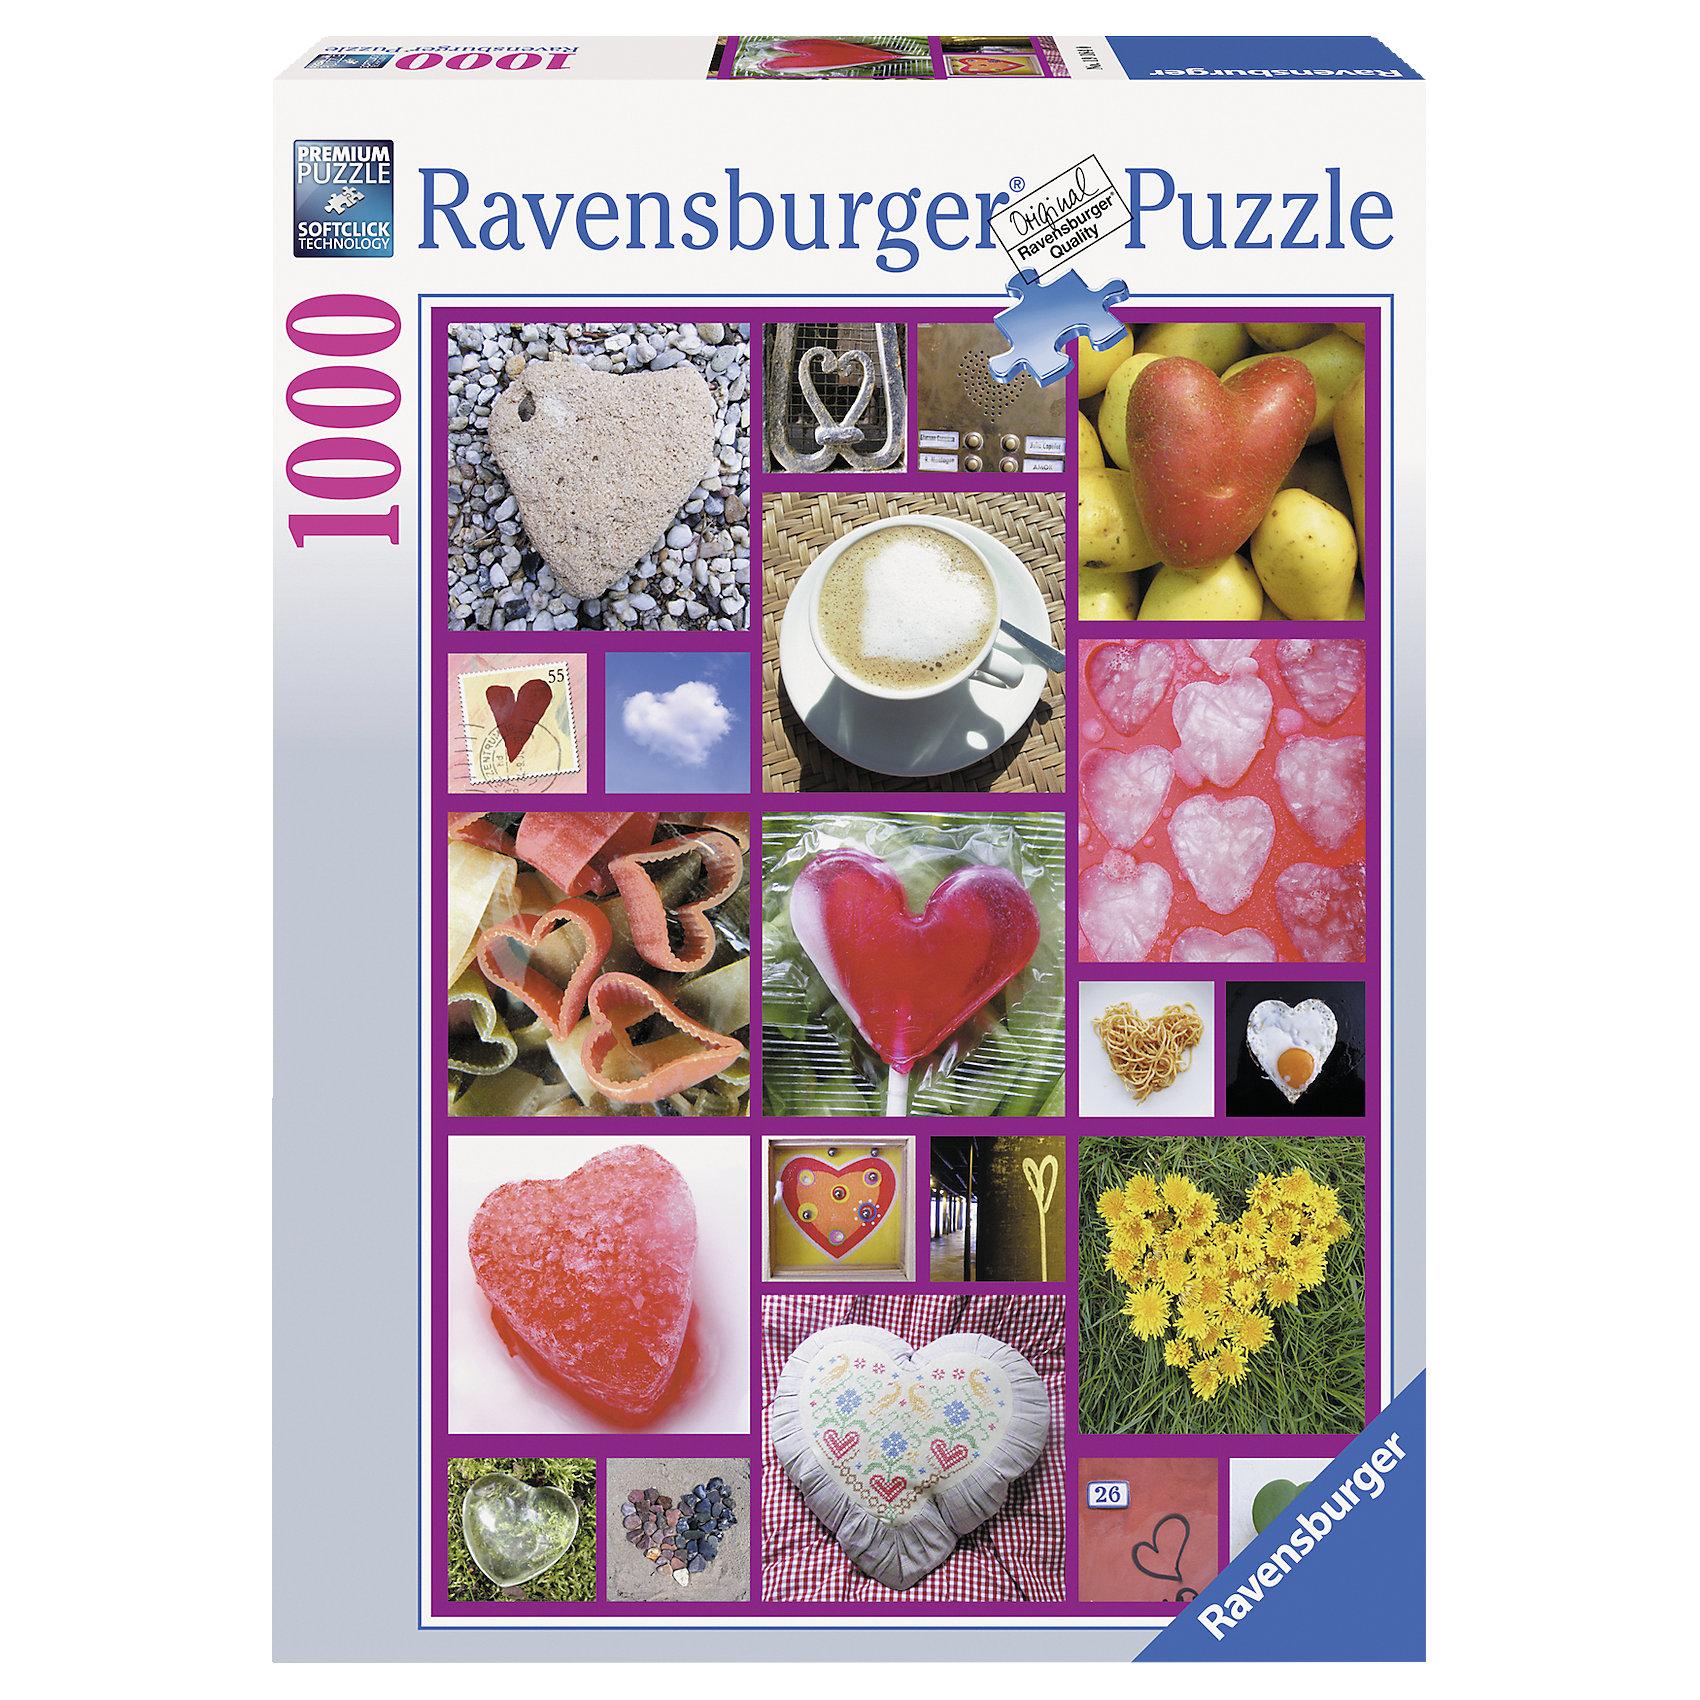 Ravensburger Пазл «Сердца» 1000 деталей, Ravensburger ravensburger пазл тихая бухта 1500 деталей